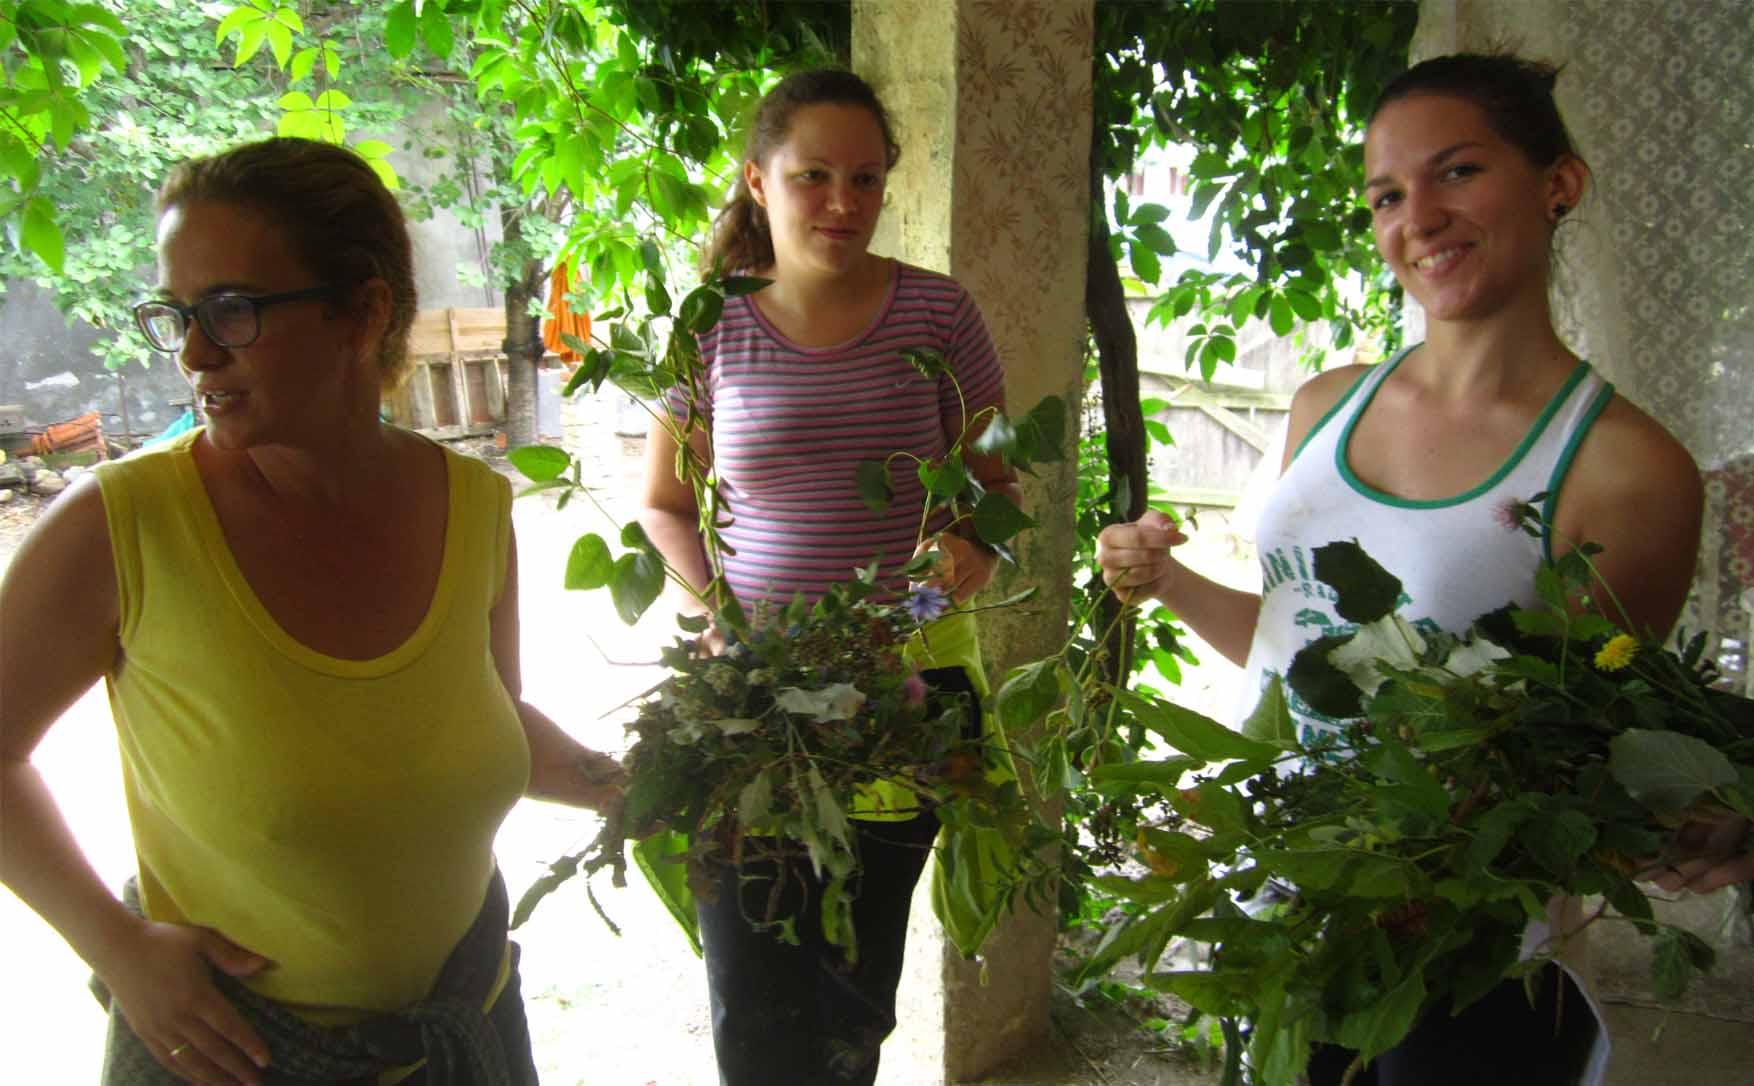 15 kamp zemljane gradnje II biljke s brega